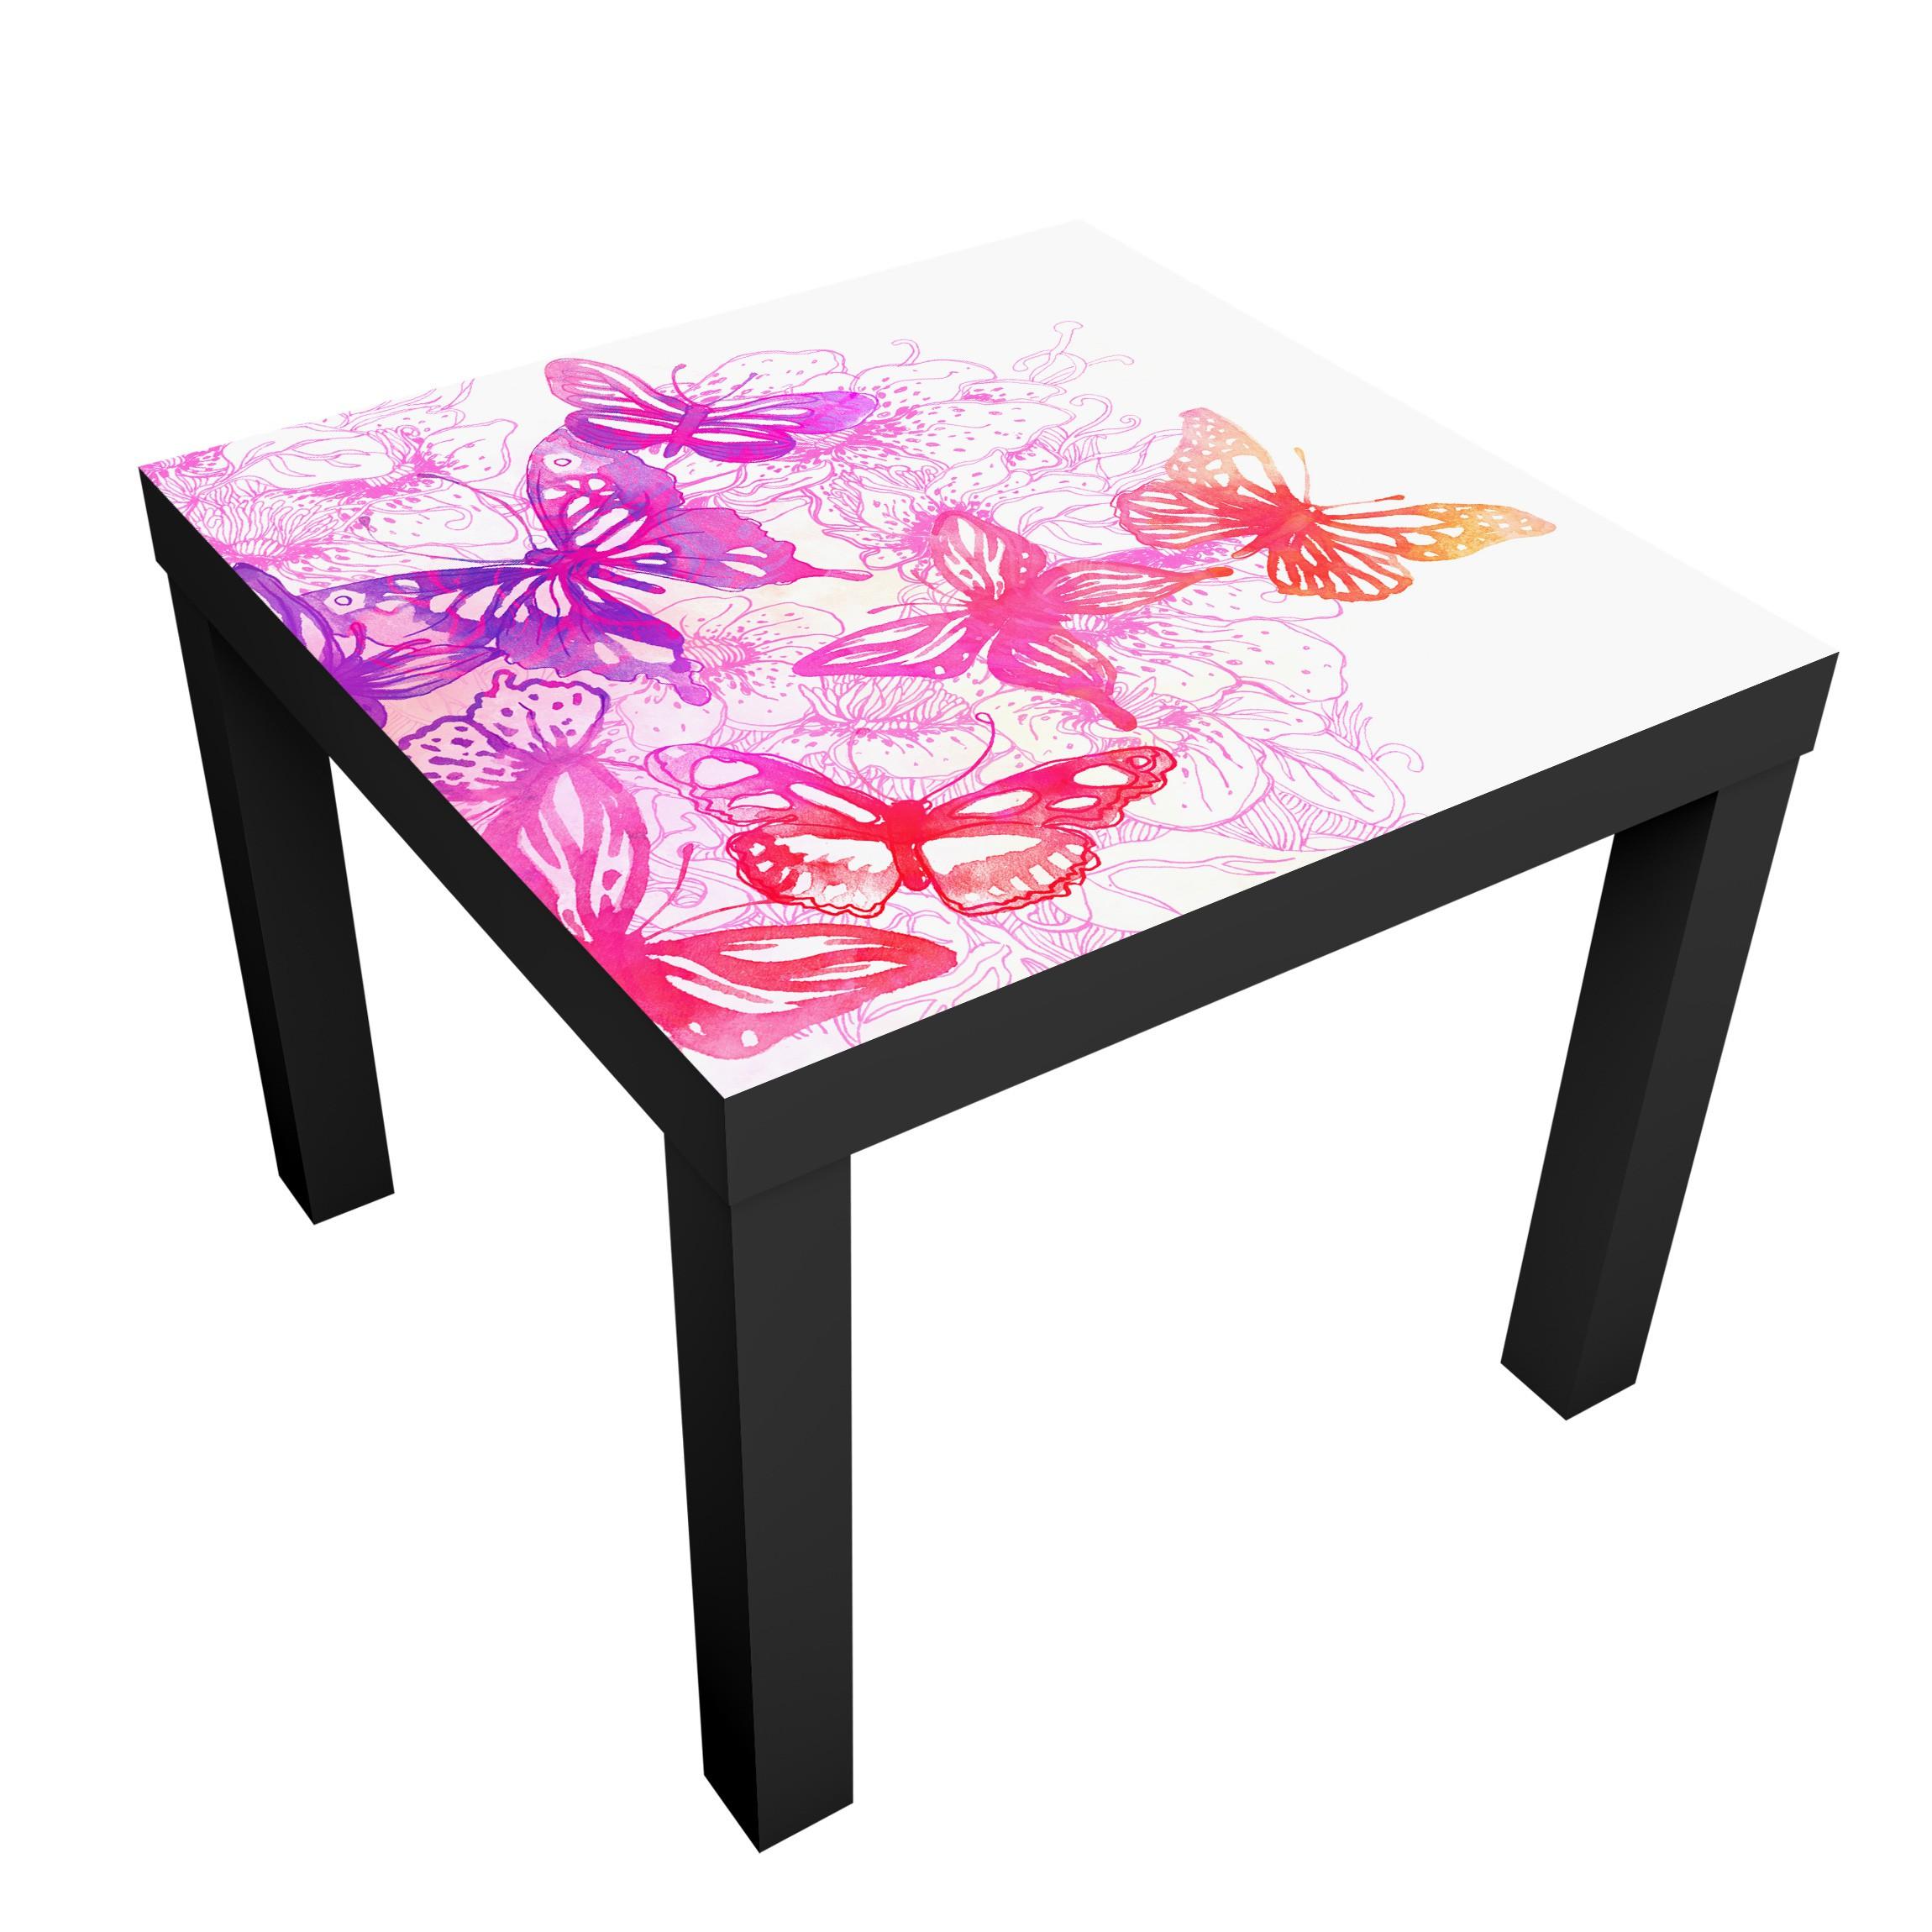 Carta adesiva per mobili ikea lack tavolino butterfly dream - Carta per coprire mobili ...